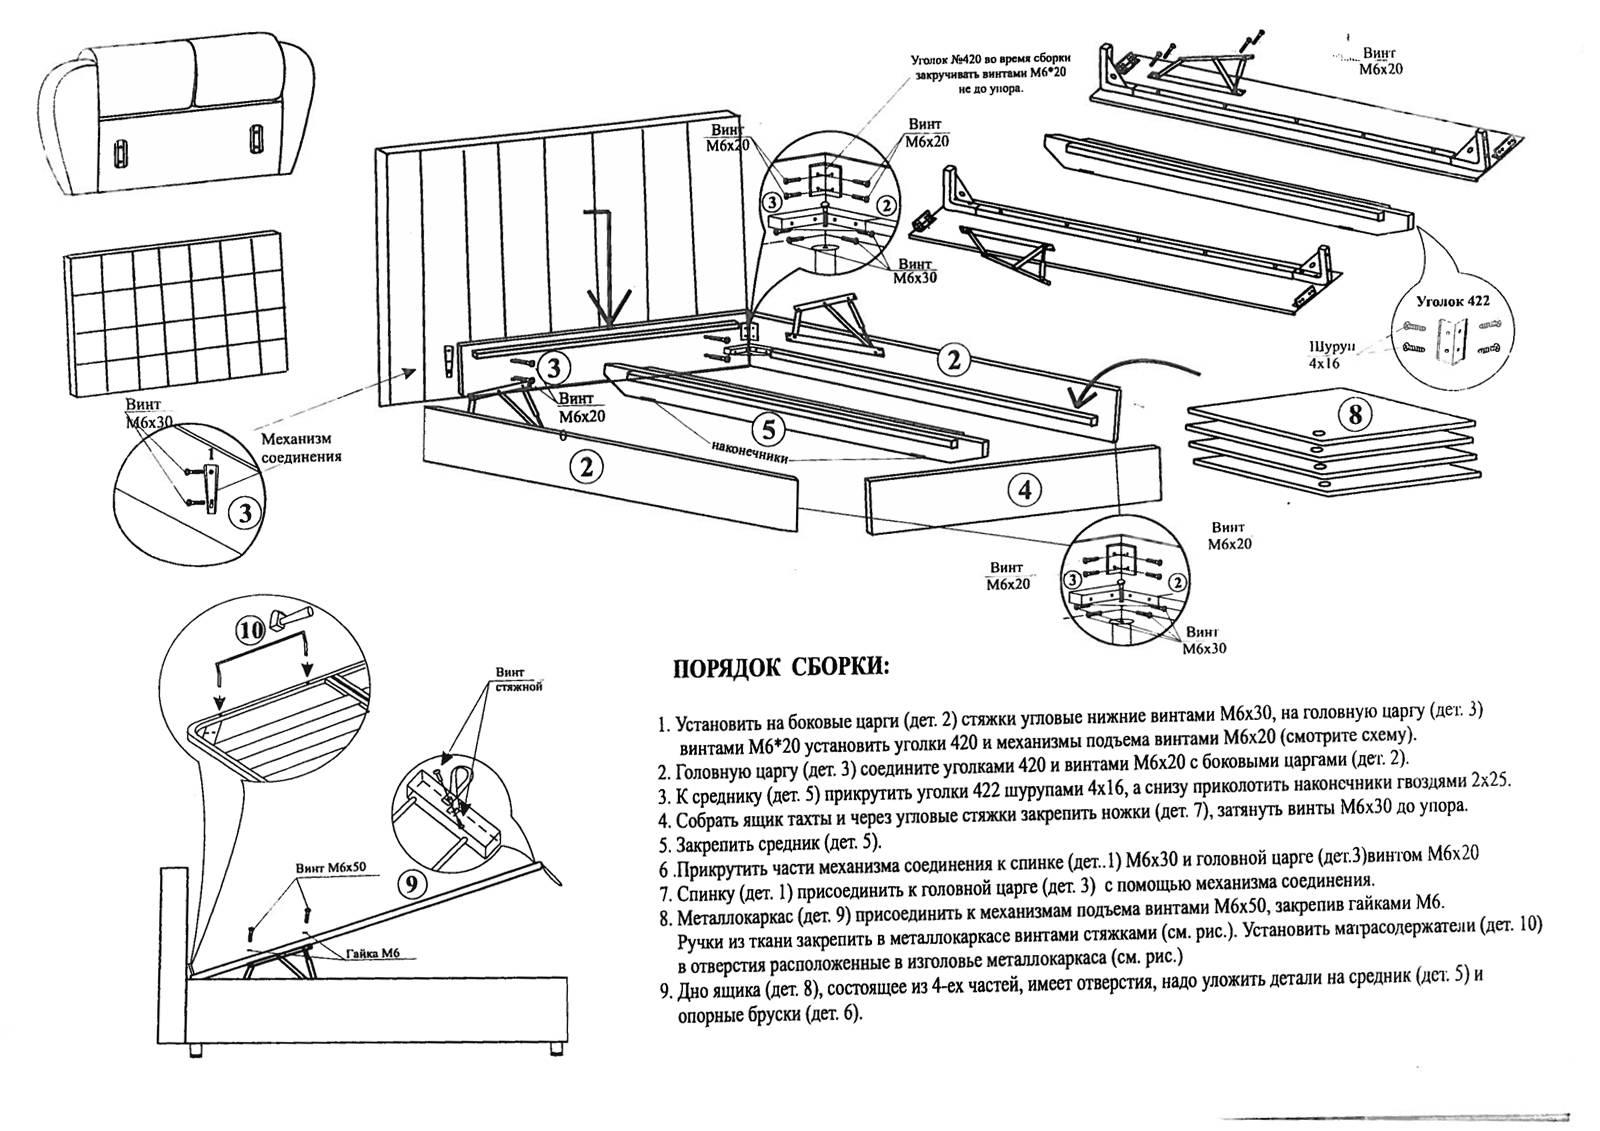 Кровать на дачу своими руками: из какого дерева можно сделать, варианты конструкции, как собрать деревянный каркас, чем обработать для долговечности